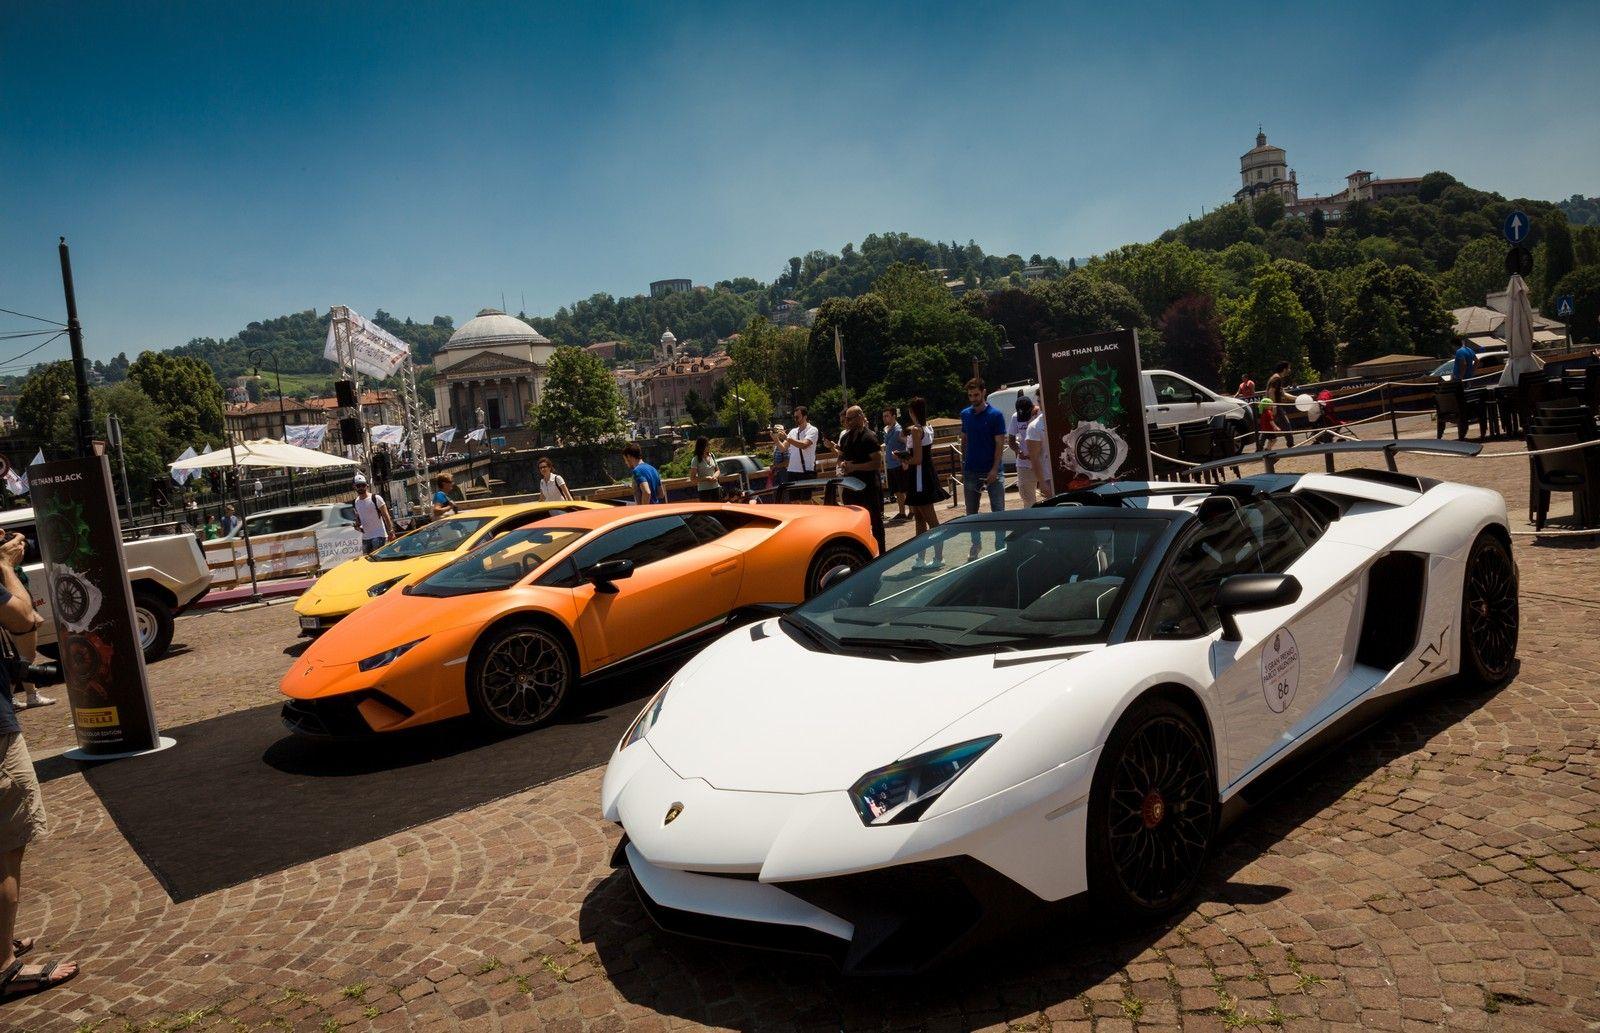 Anche la Motor Valley presente al Salone dell'auto di Torino.